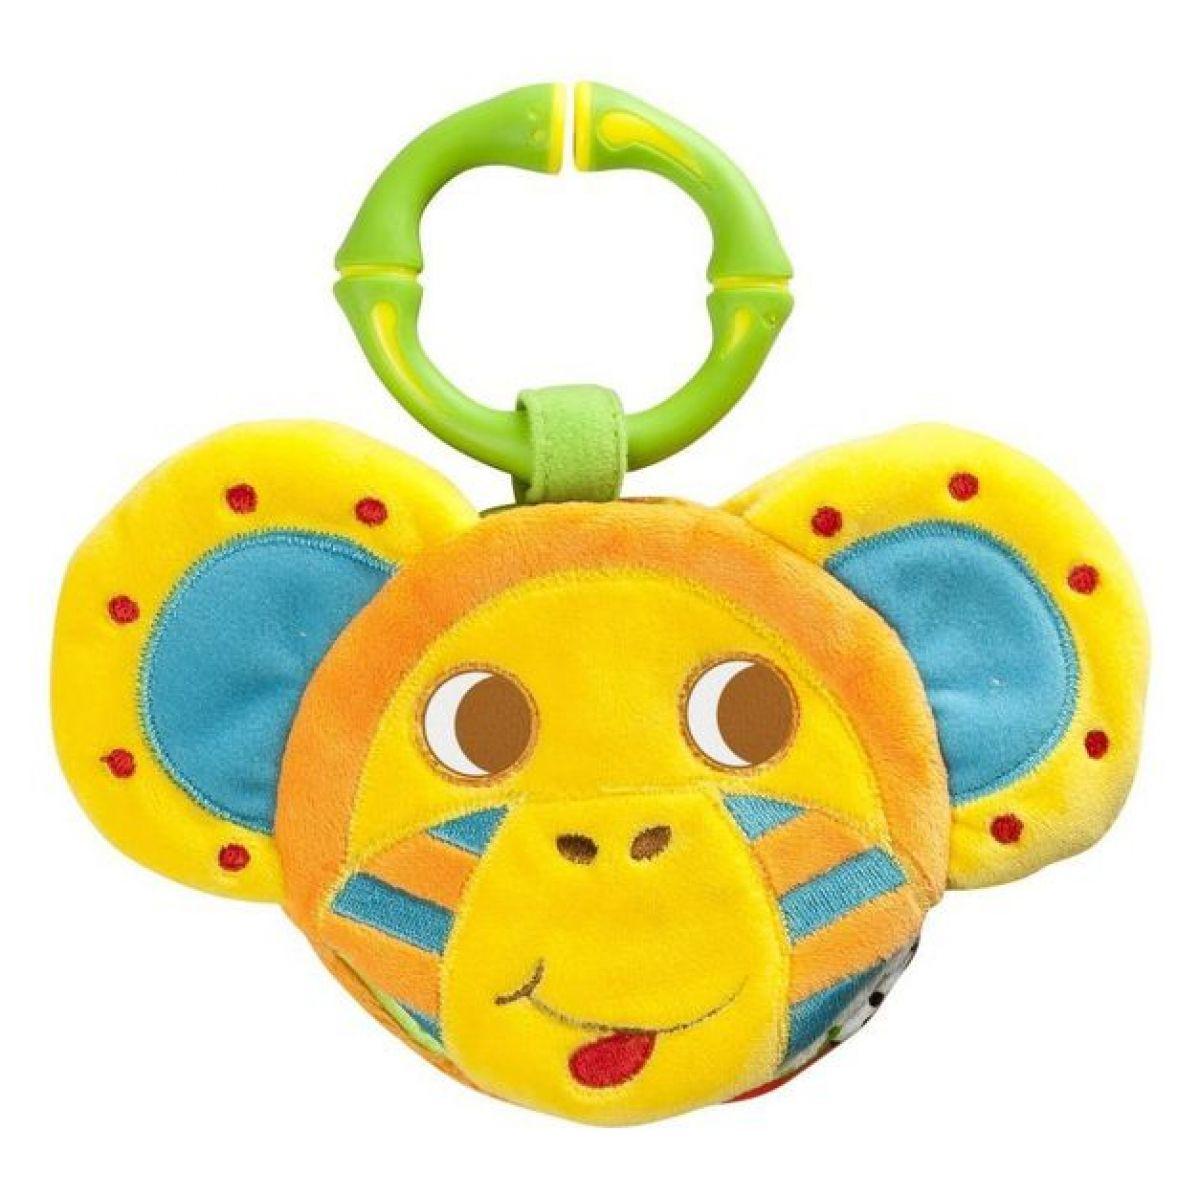 Babymoov Stimulační knížka Opička